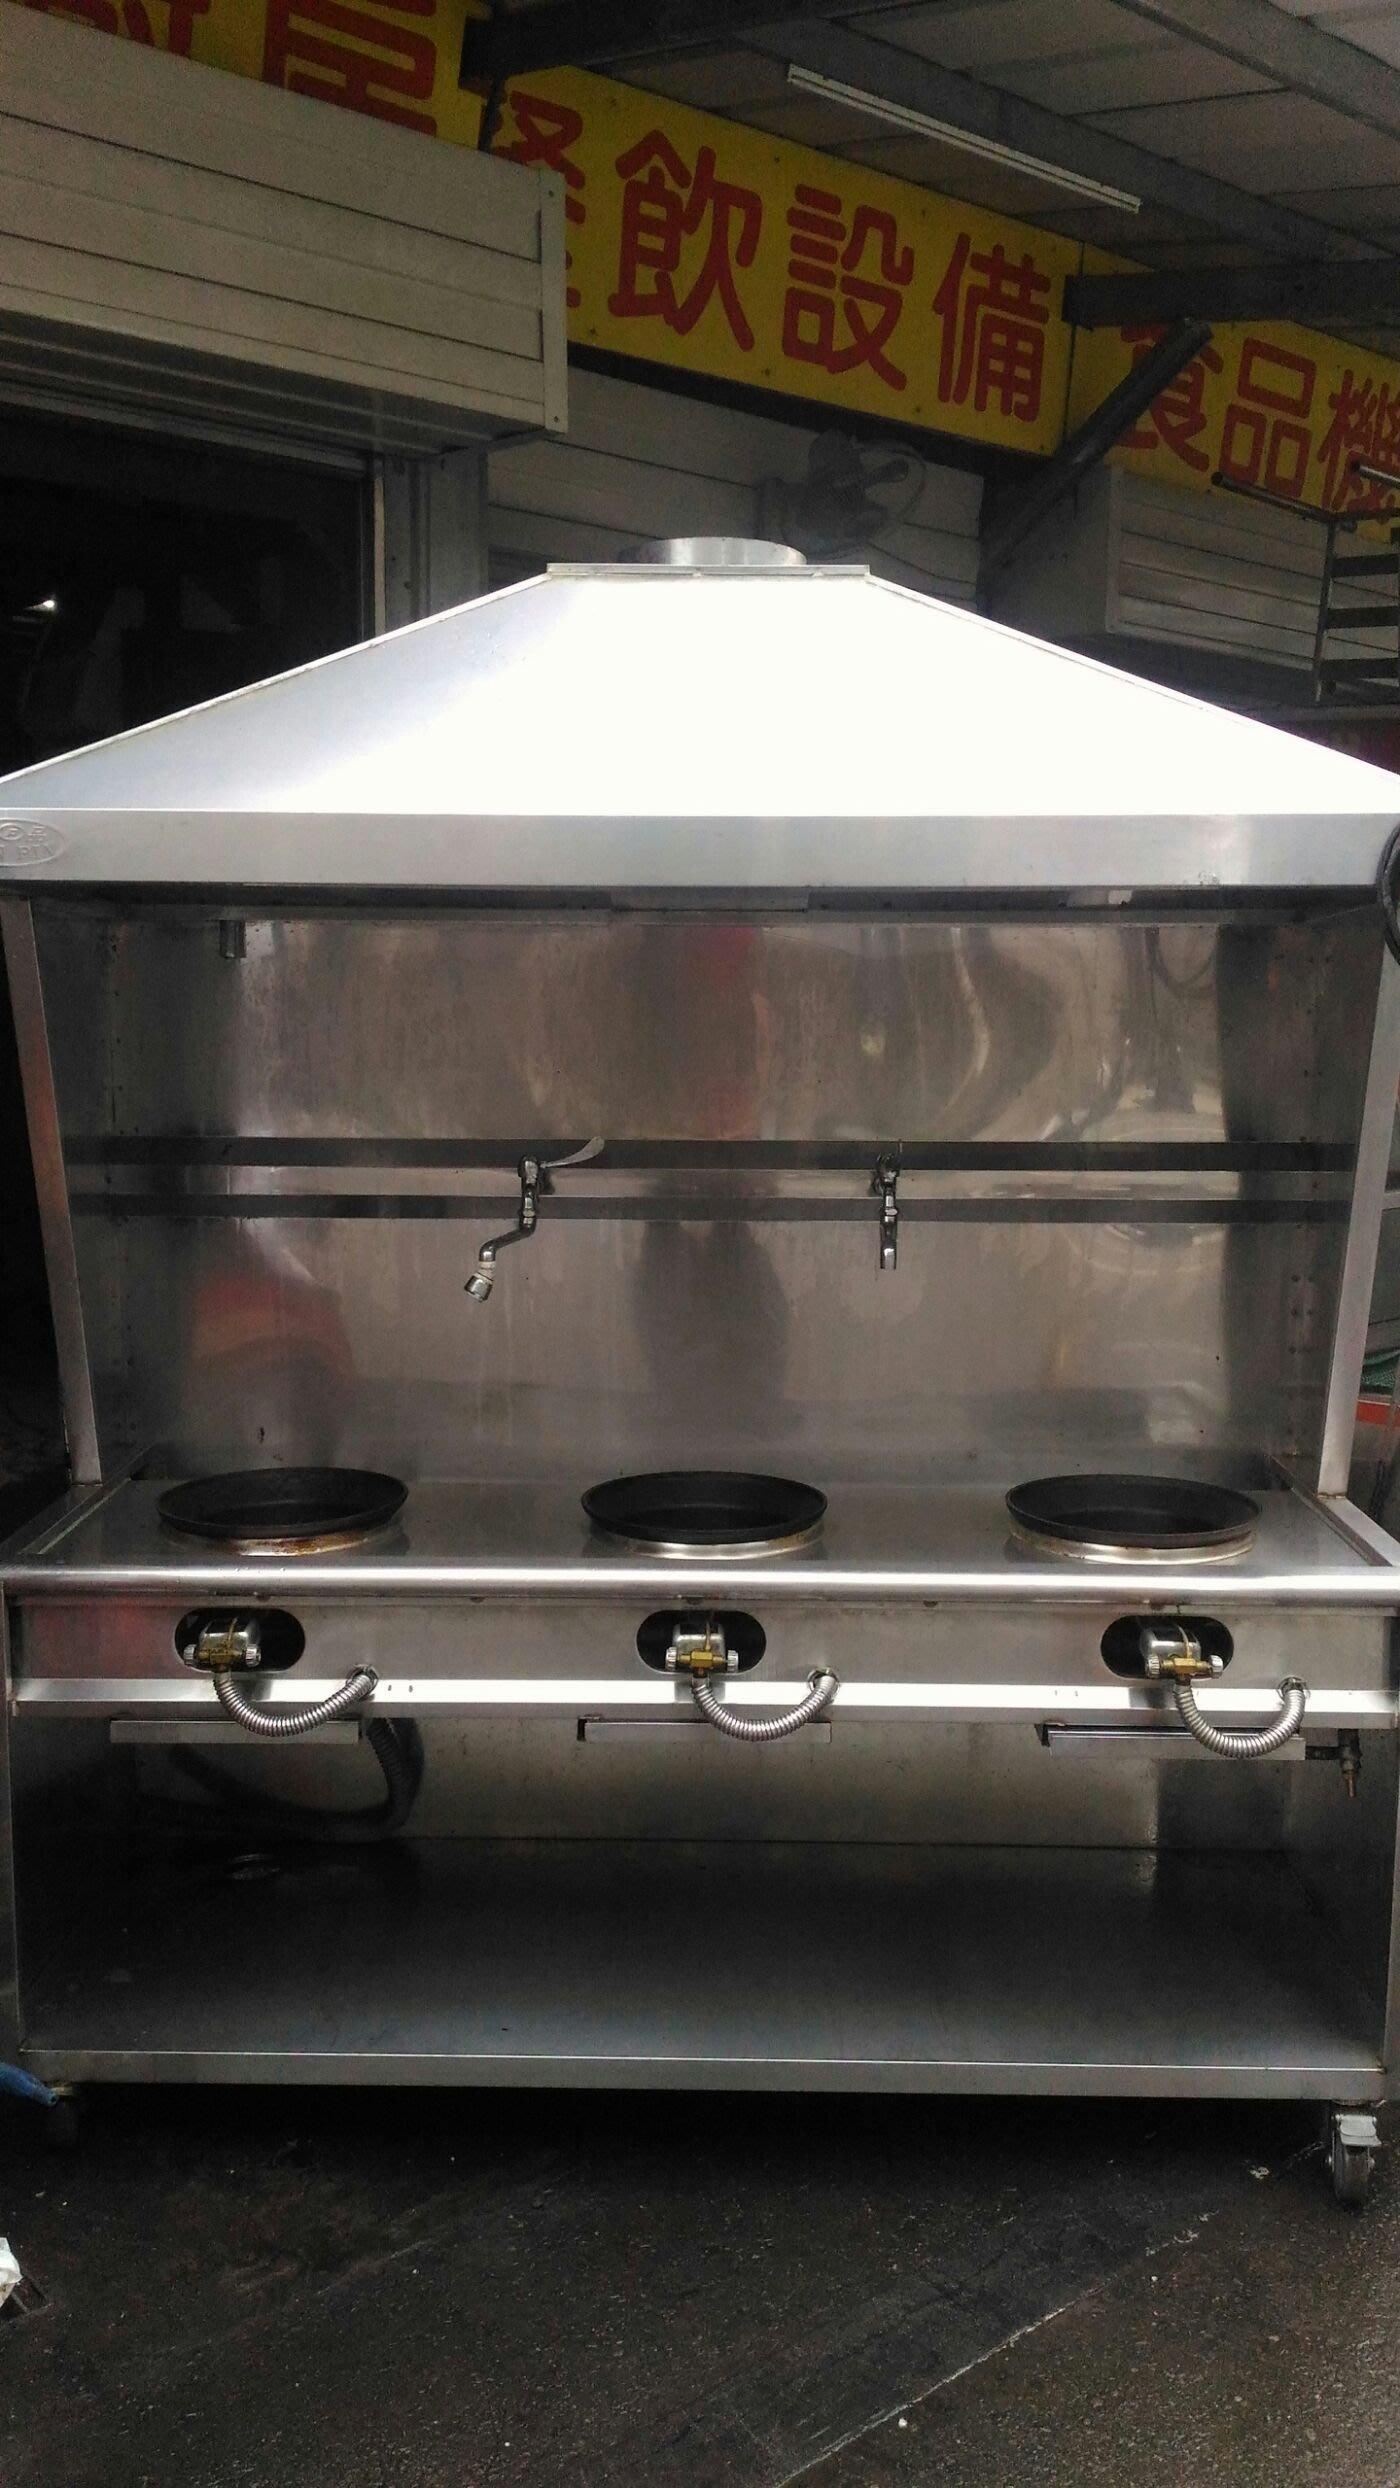 南門餐廚設備拍賣快炒店麵店小吃店專用二手銀品煙罩型雙斜板三口快速炒台